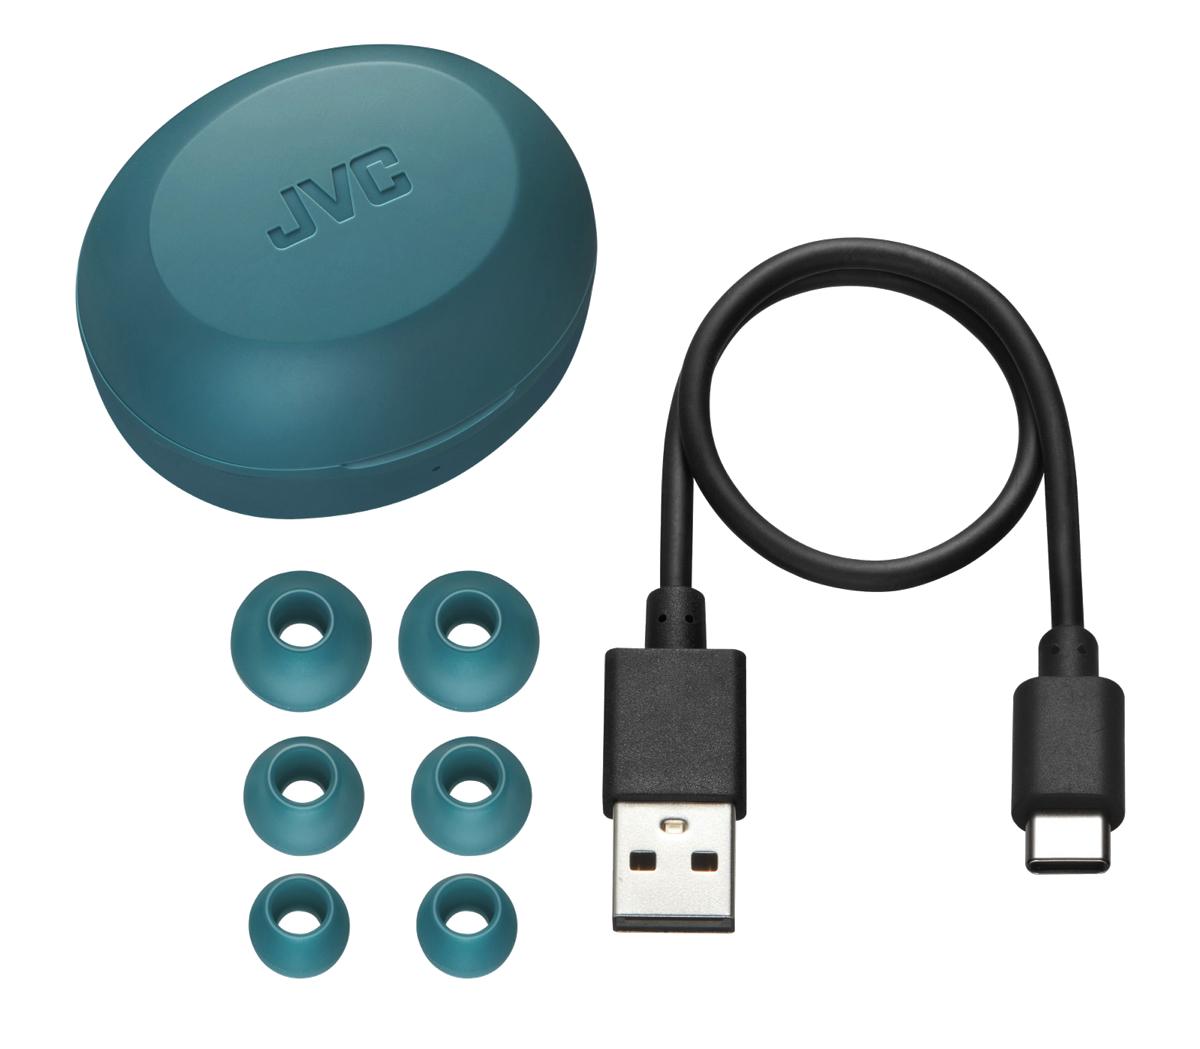 JVC Gumy Mini, gli auricolari mini sono in esclusiva su Amazon